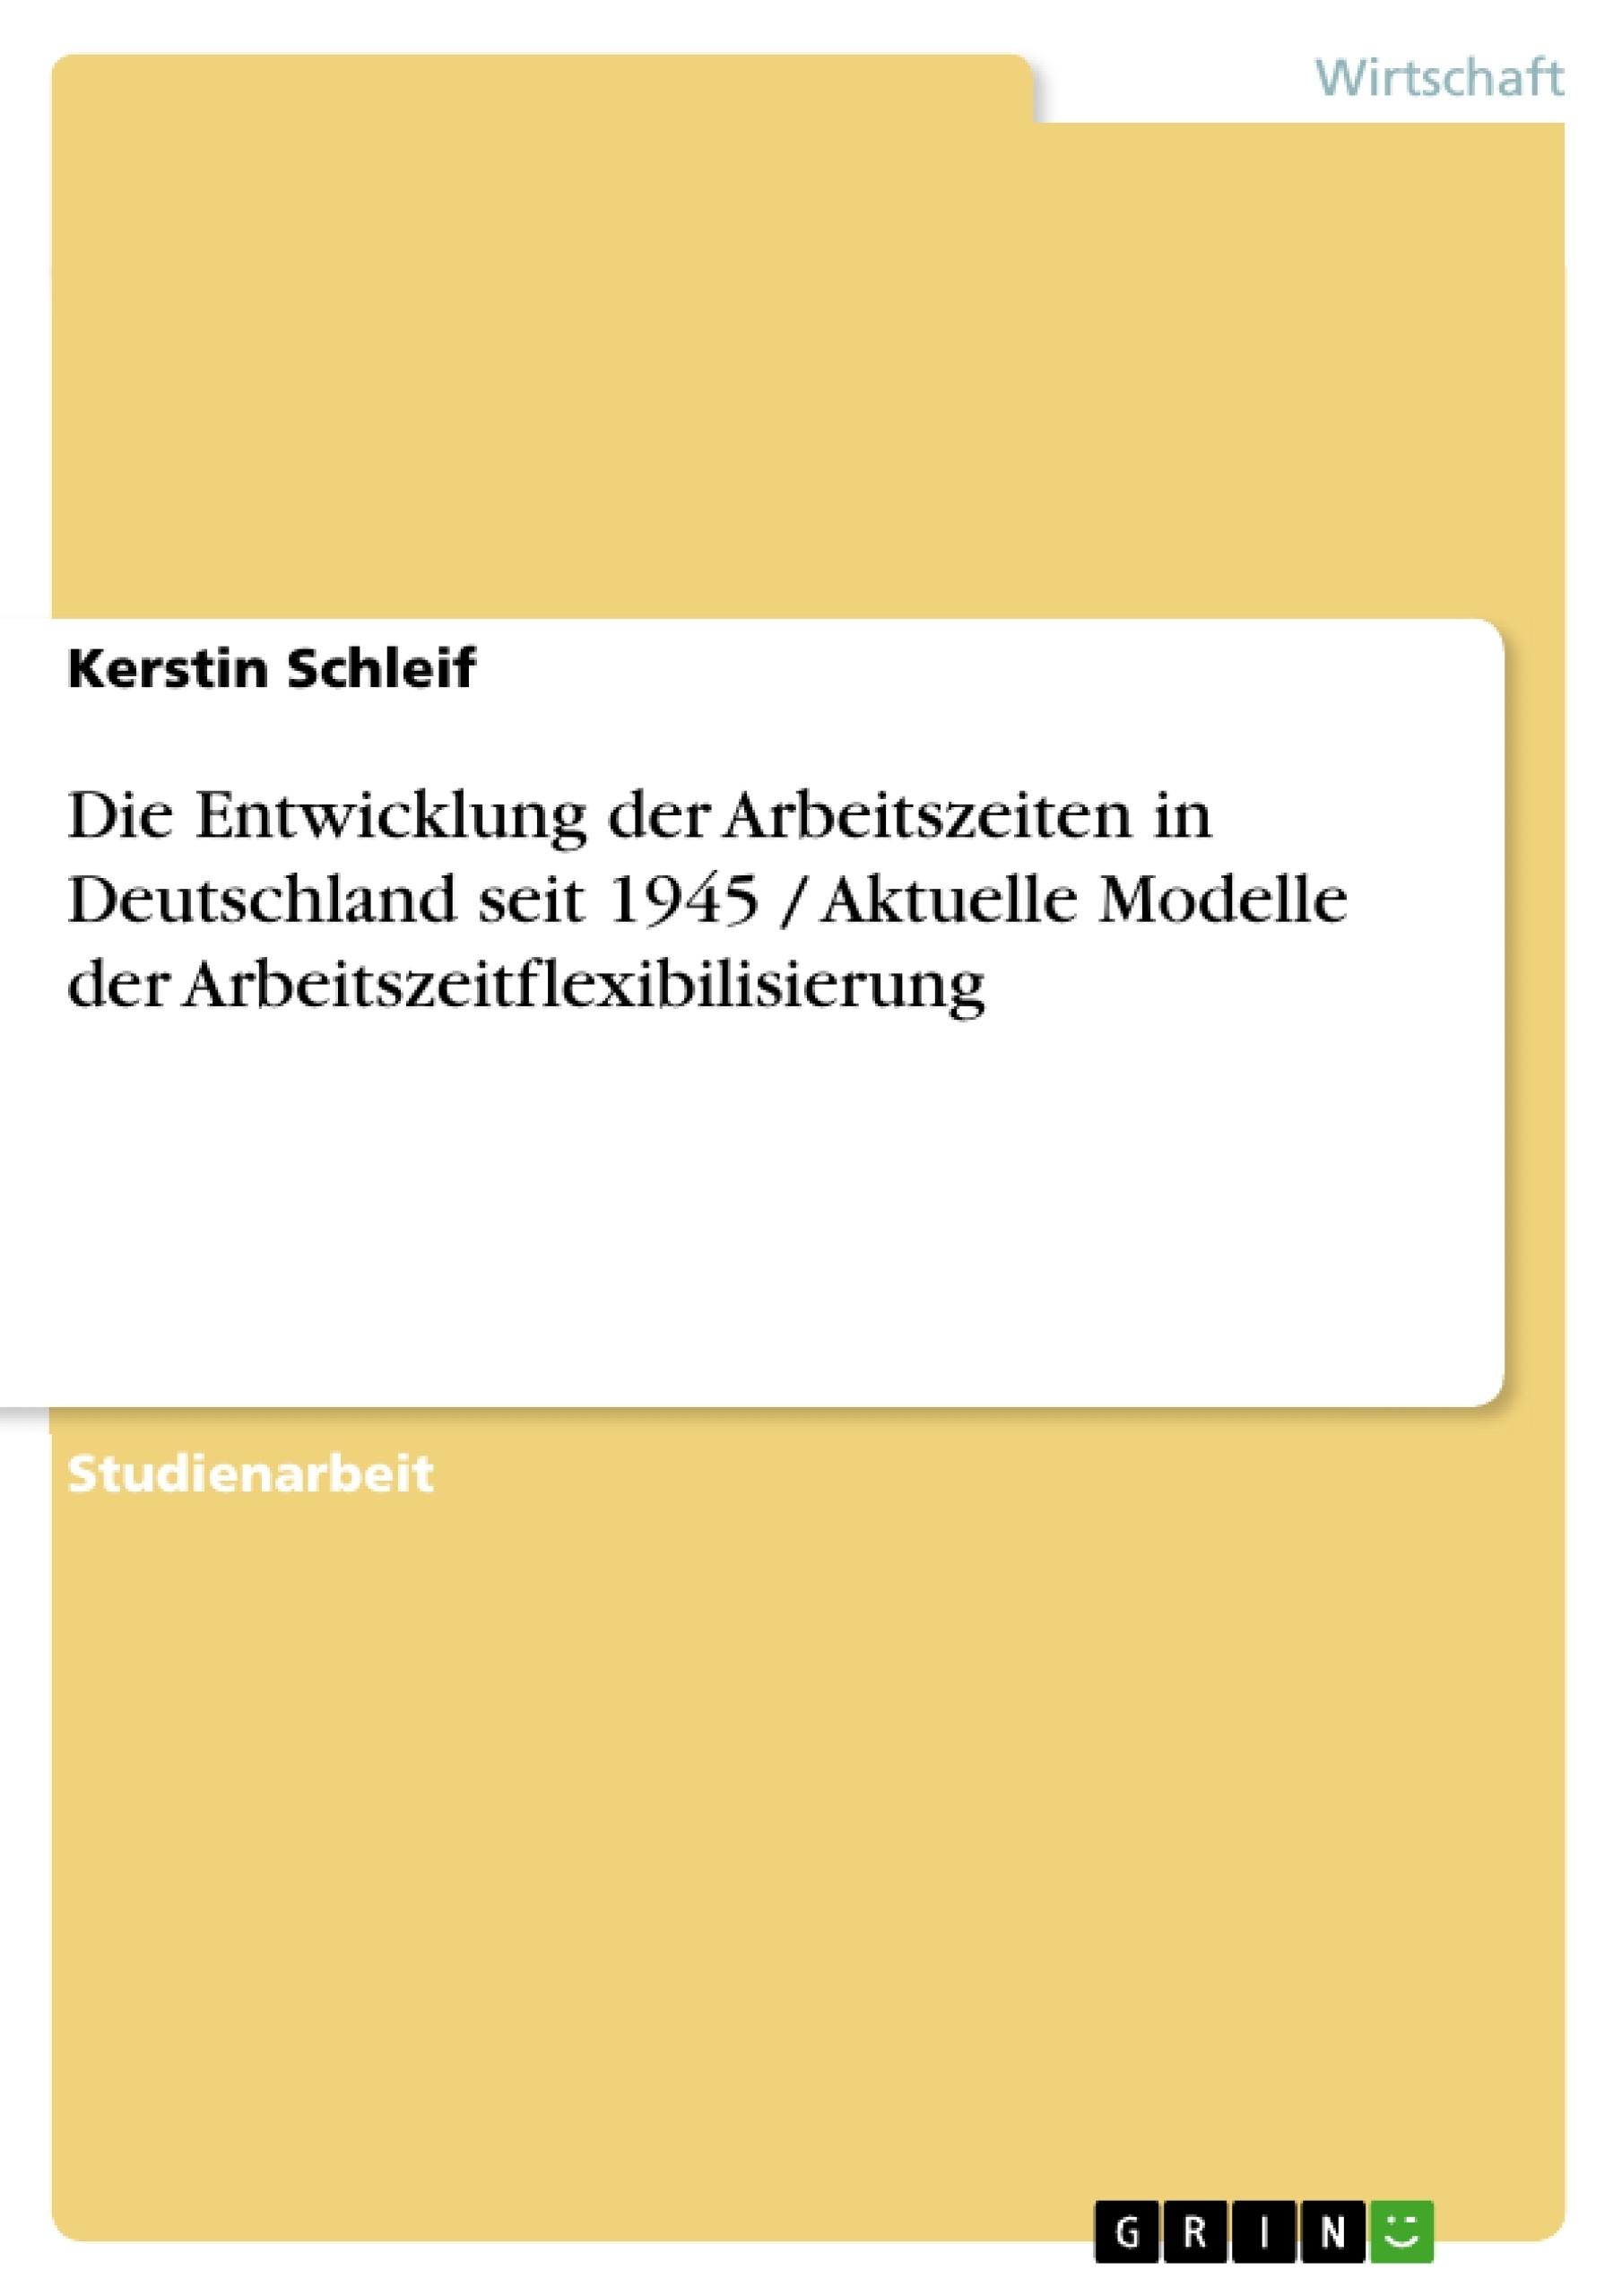 Titel: Die Entwicklung der Arbeitszeiten in Deutschland seit 1945 / Aktuelle Modelle der Arbeitszeitflexibilisierung